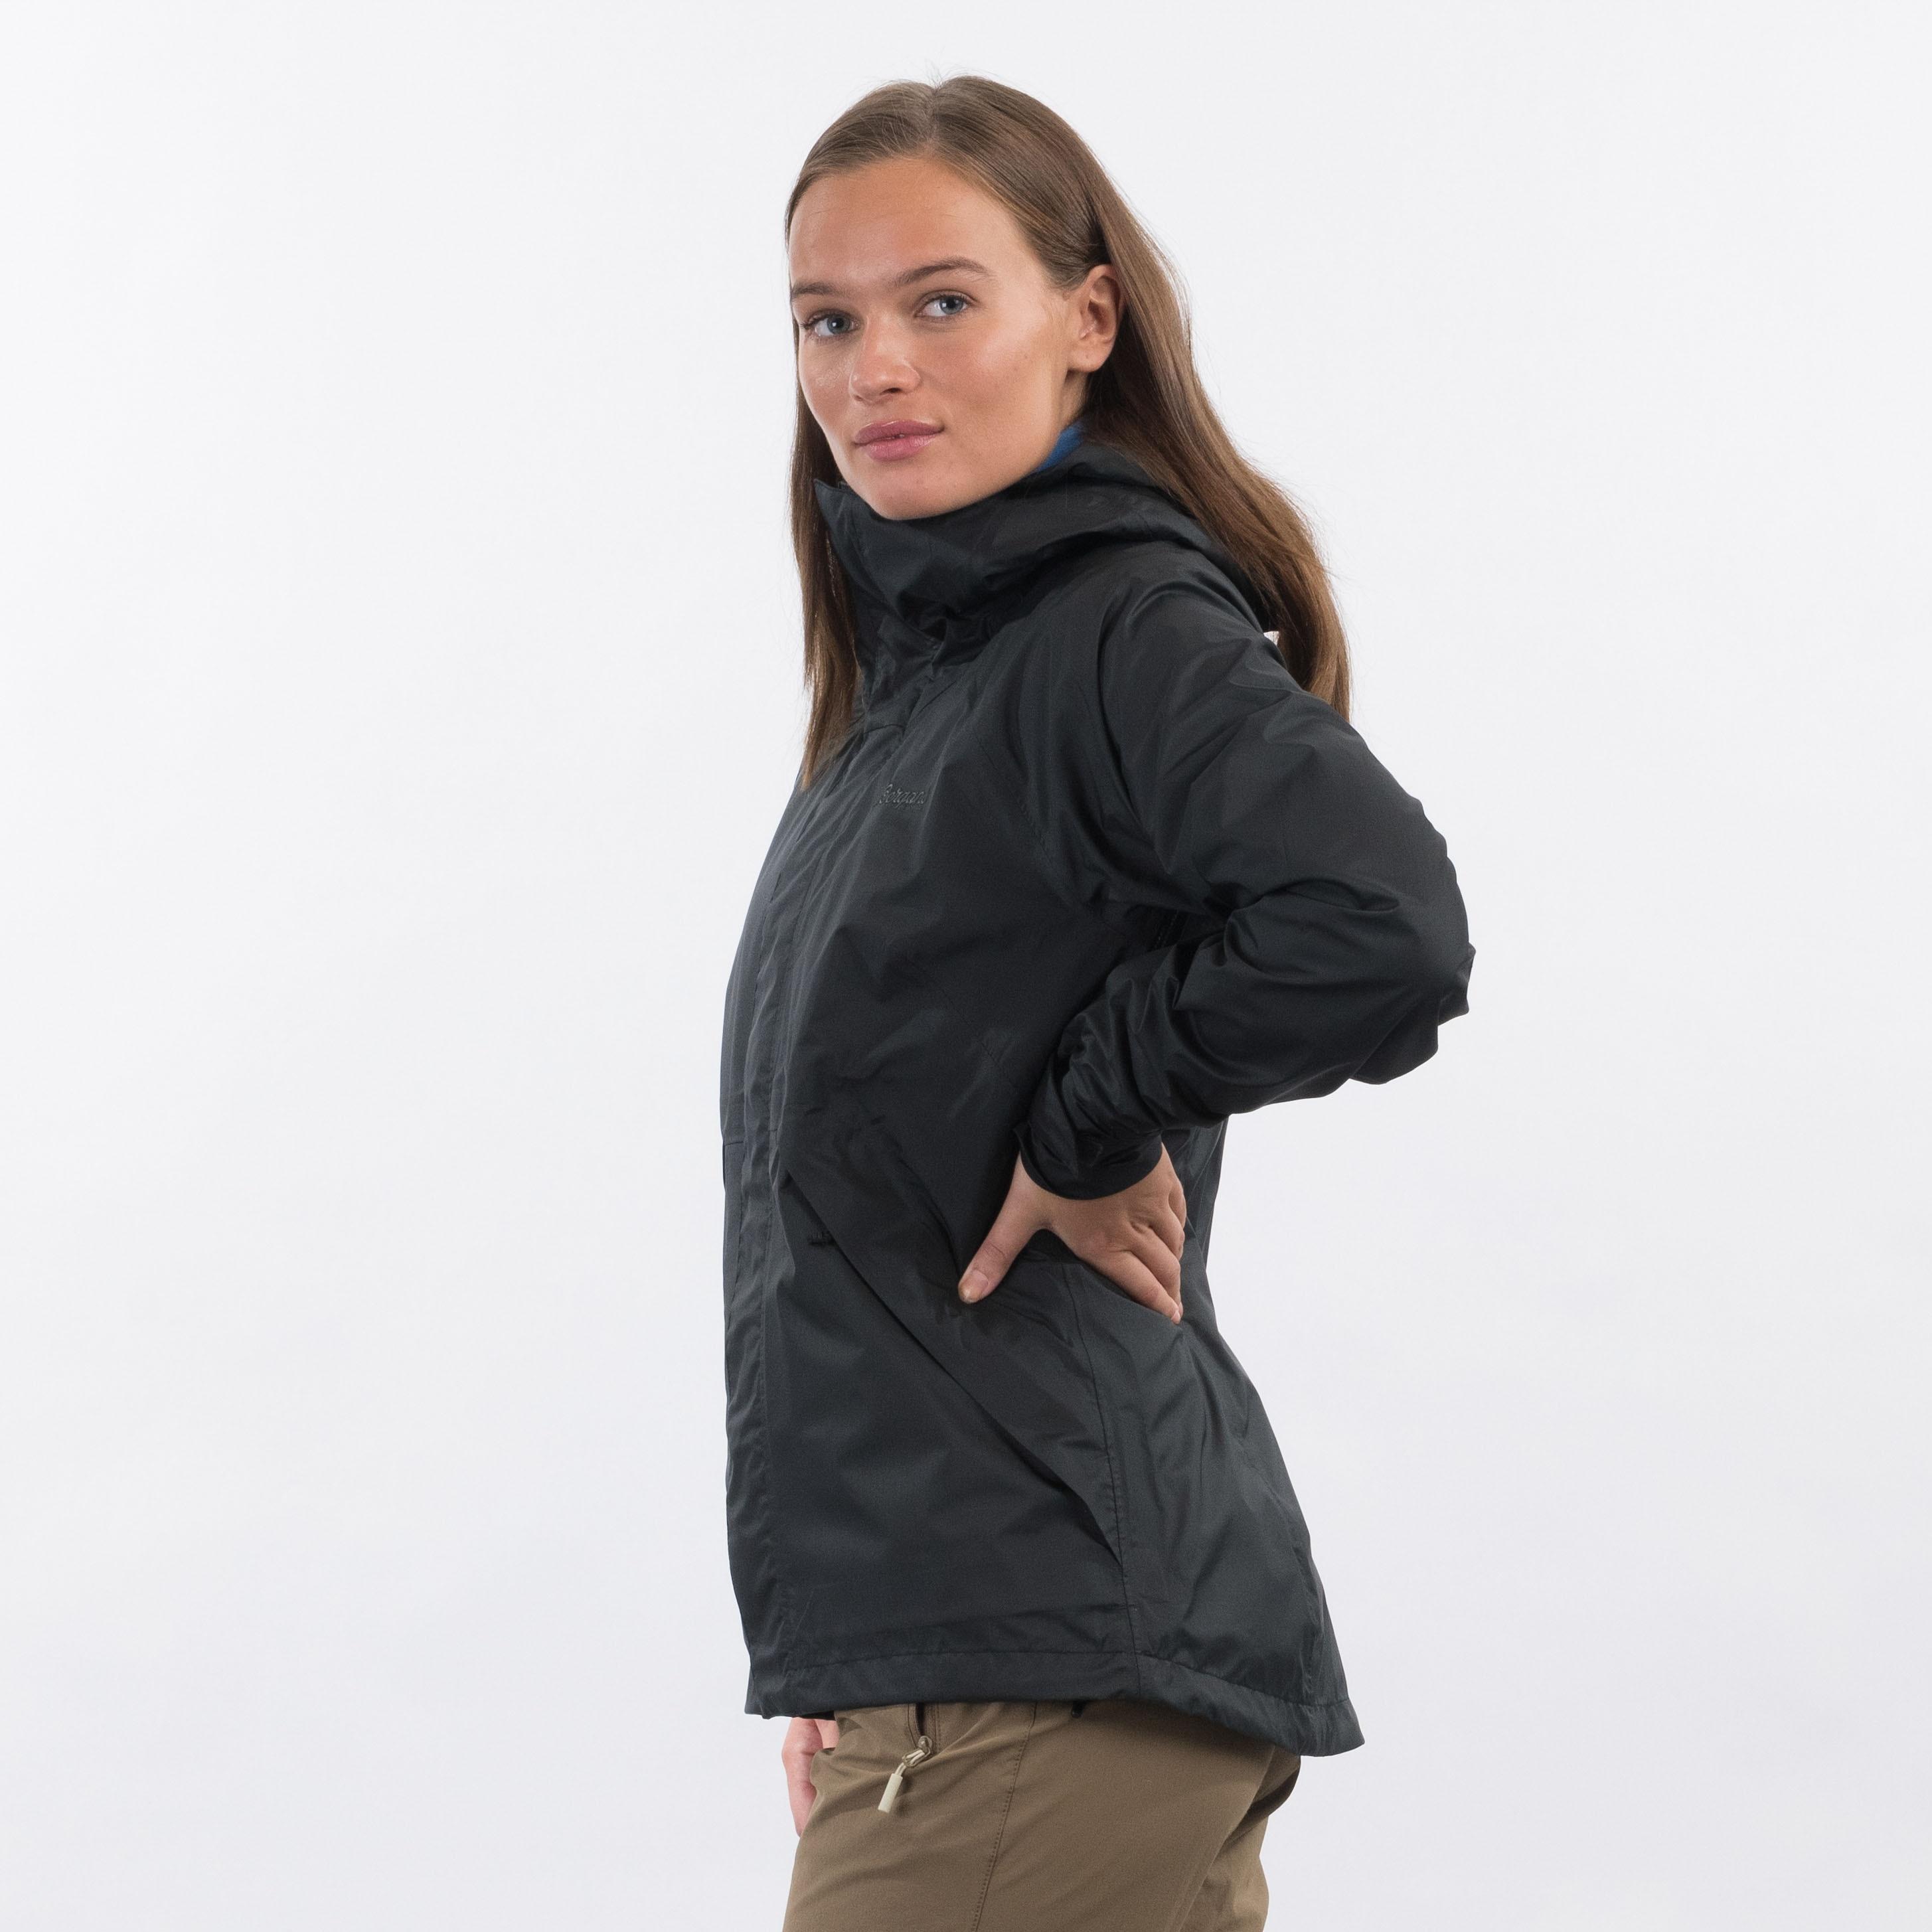 Vatne 3L W Jacket